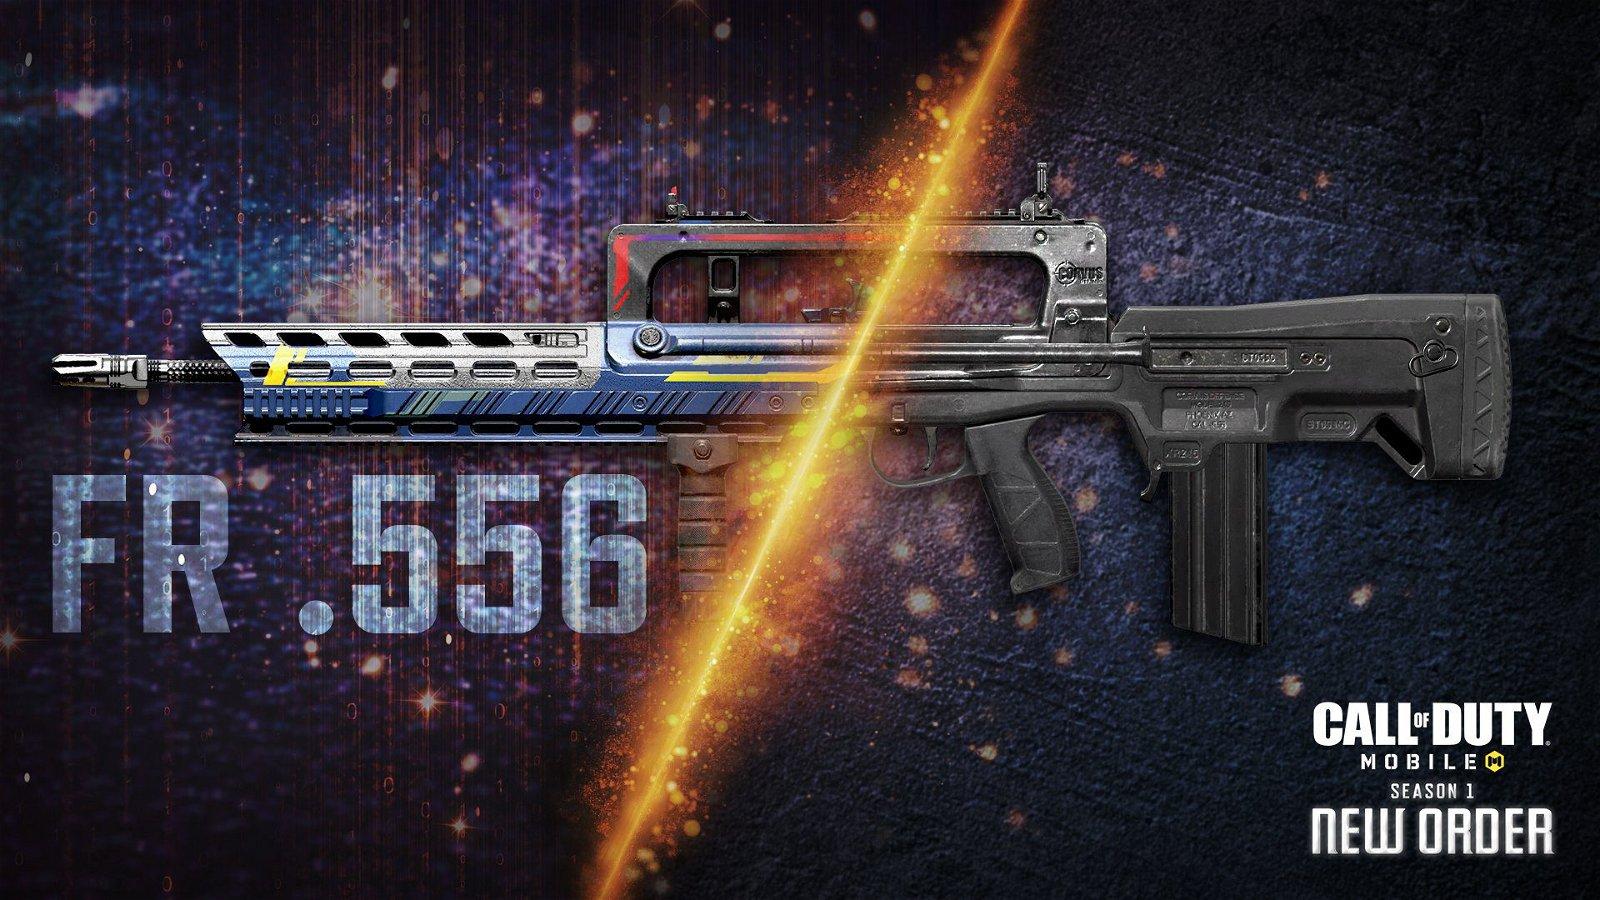 FR .556 - Assault Rift in COD Mobile